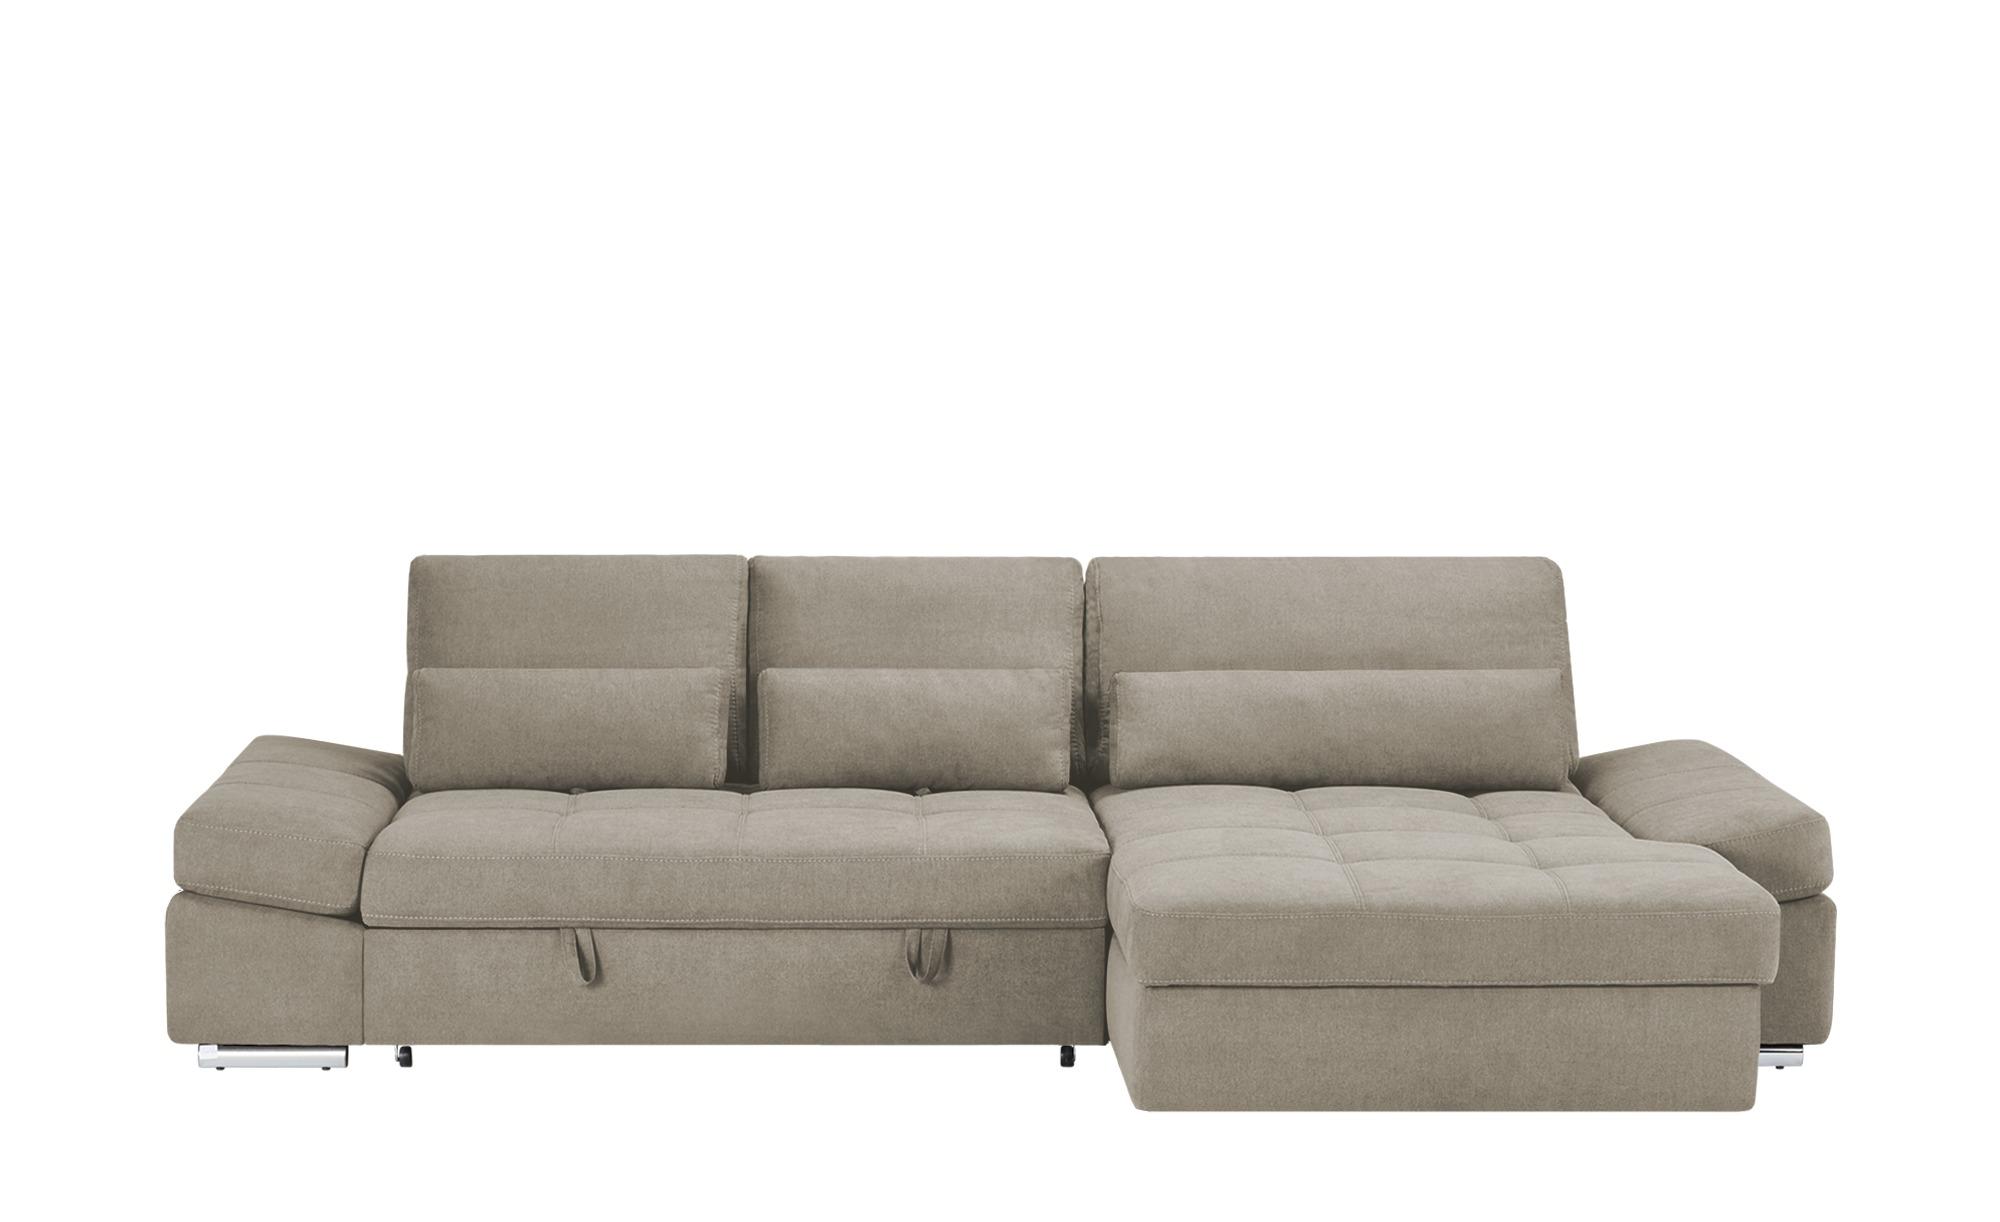 ecksofa hudson breite h he 95 cm beige online kaufen bei. Black Bedroom Furniture Sets. Home Design Ideas